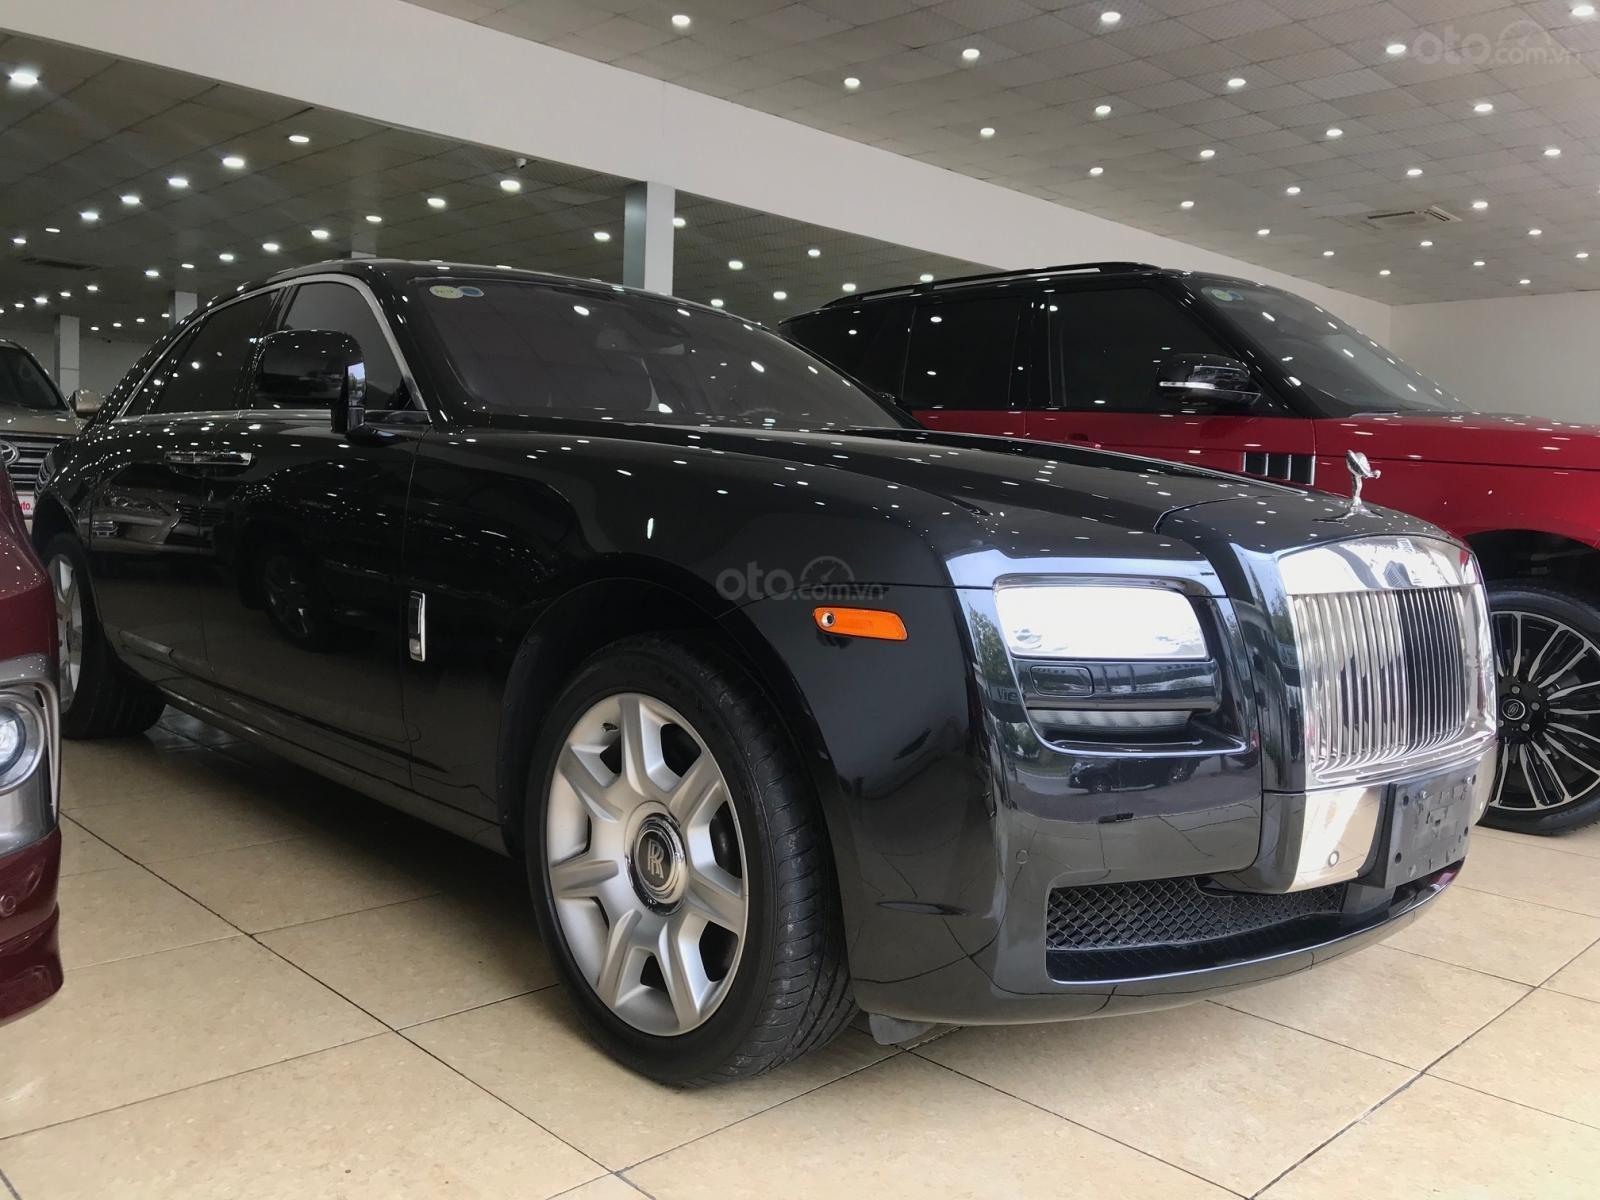 Bán ô tô Rolls-Royce Ghost 2011, màu đen, xe chạy cực ít, siêu đẹp (2)